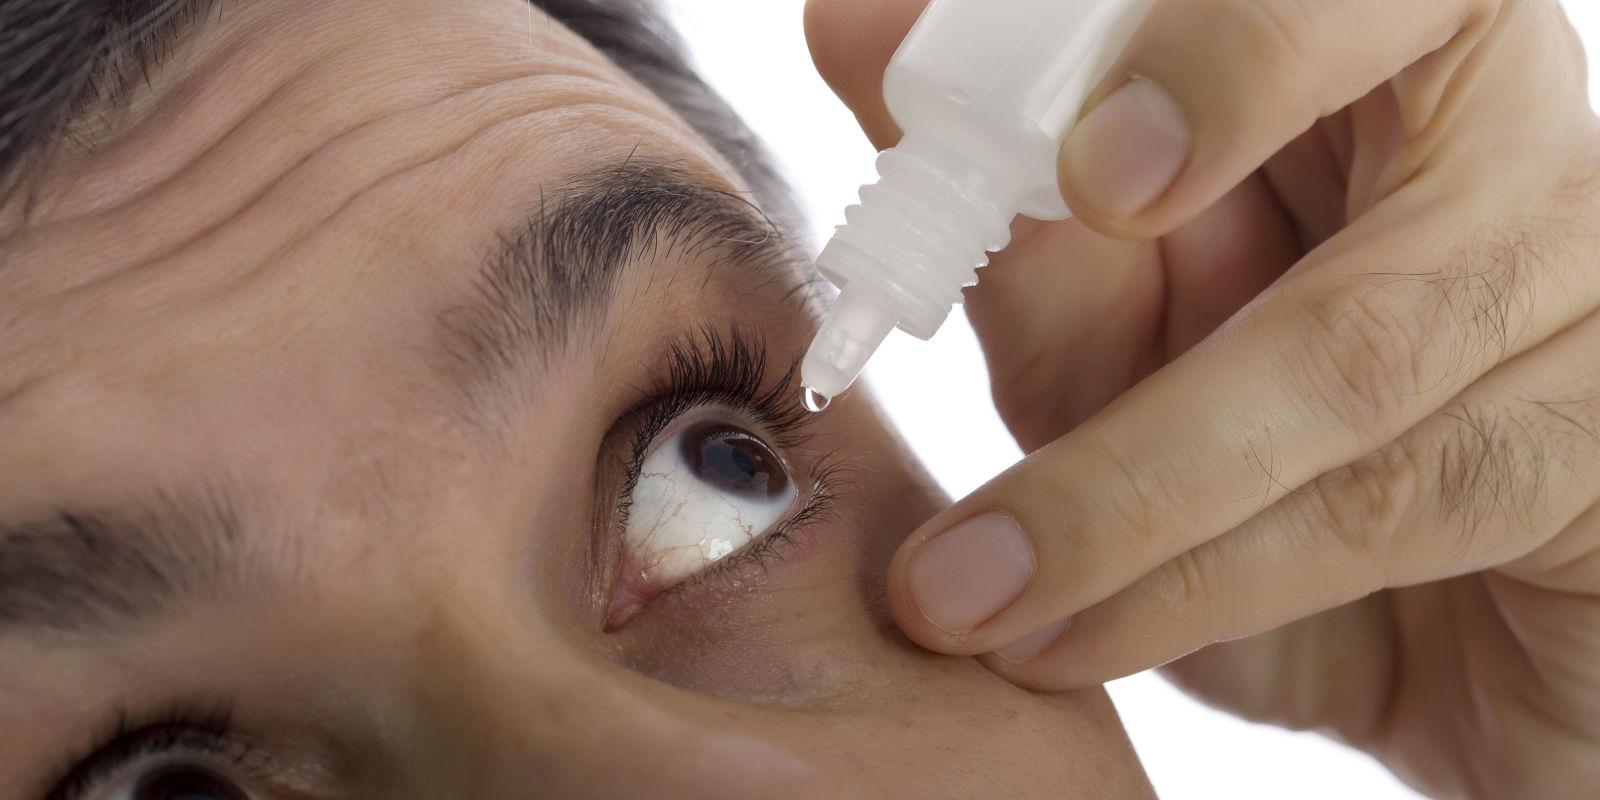 Воспалился глаз: причины, что делать и чем лечить 99